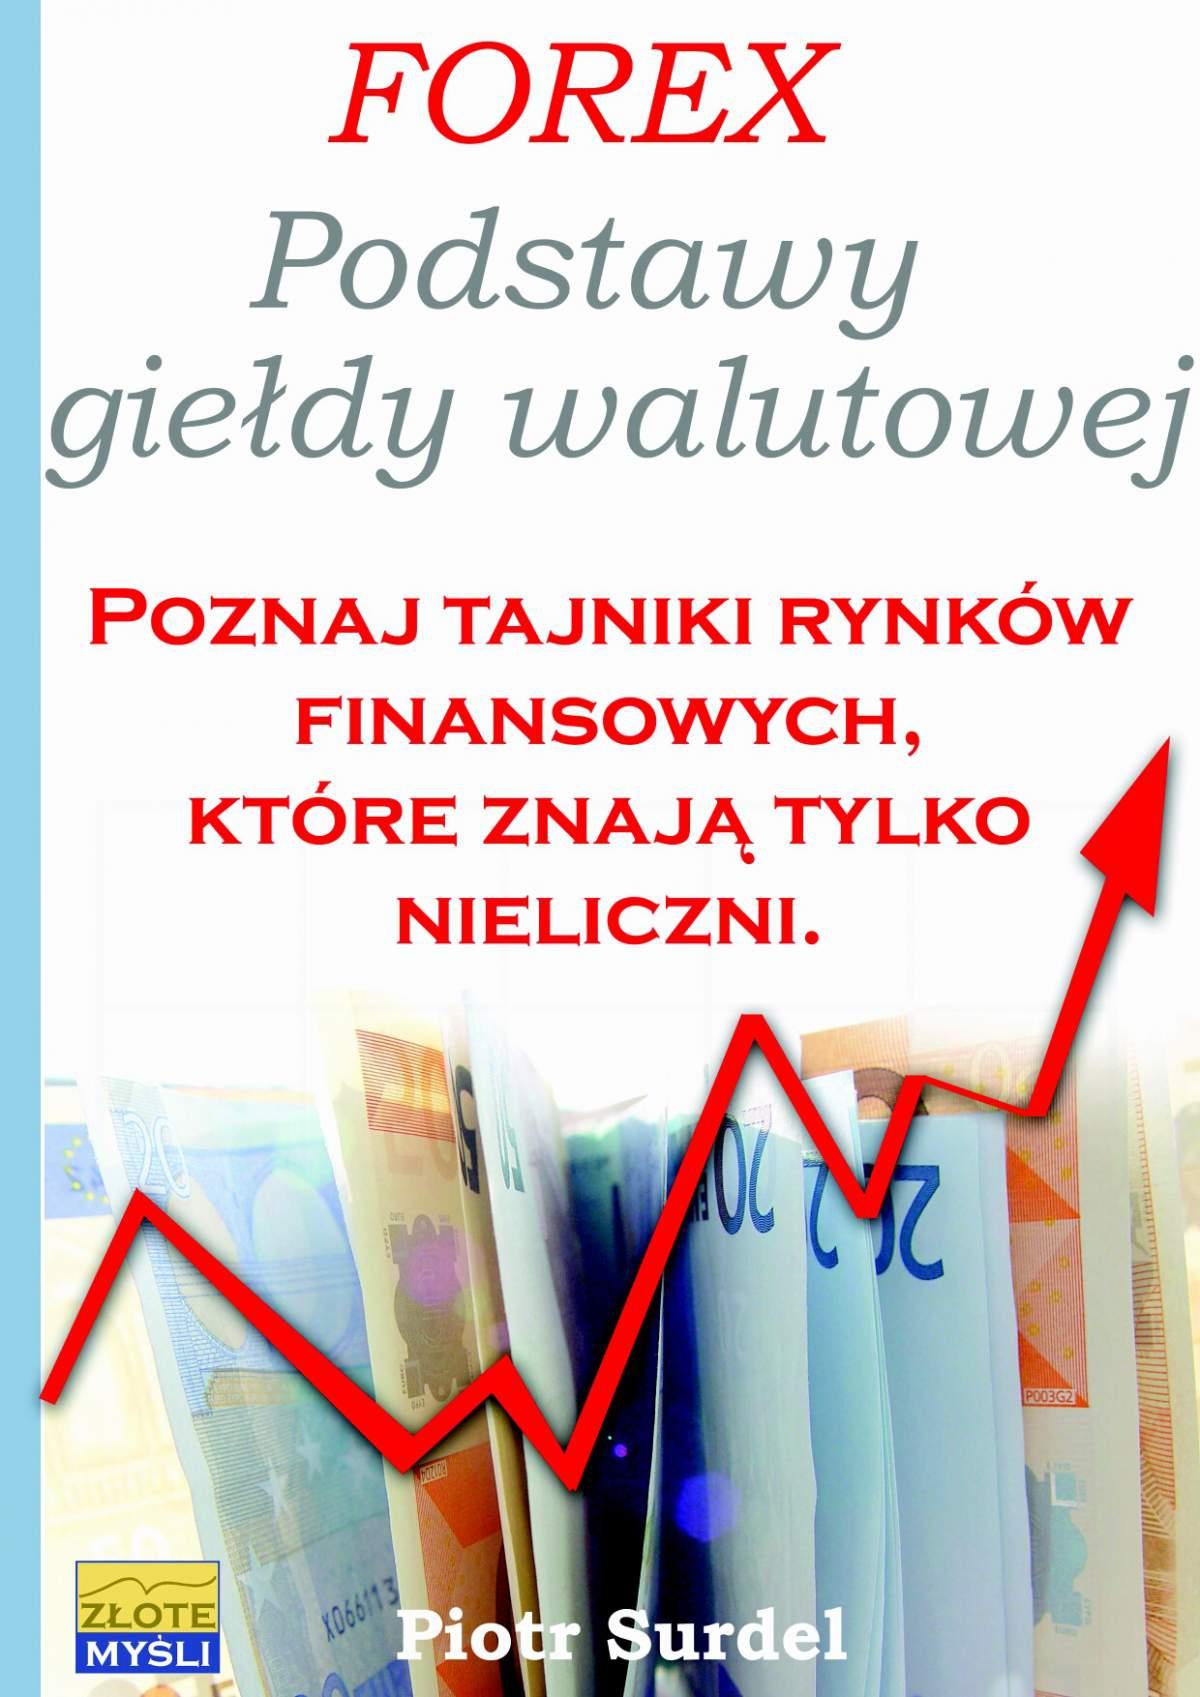 Forex 1. Podstawy Giełdy Walutowej - Ebook (Książka PDF) do pobrania w formacie PDF